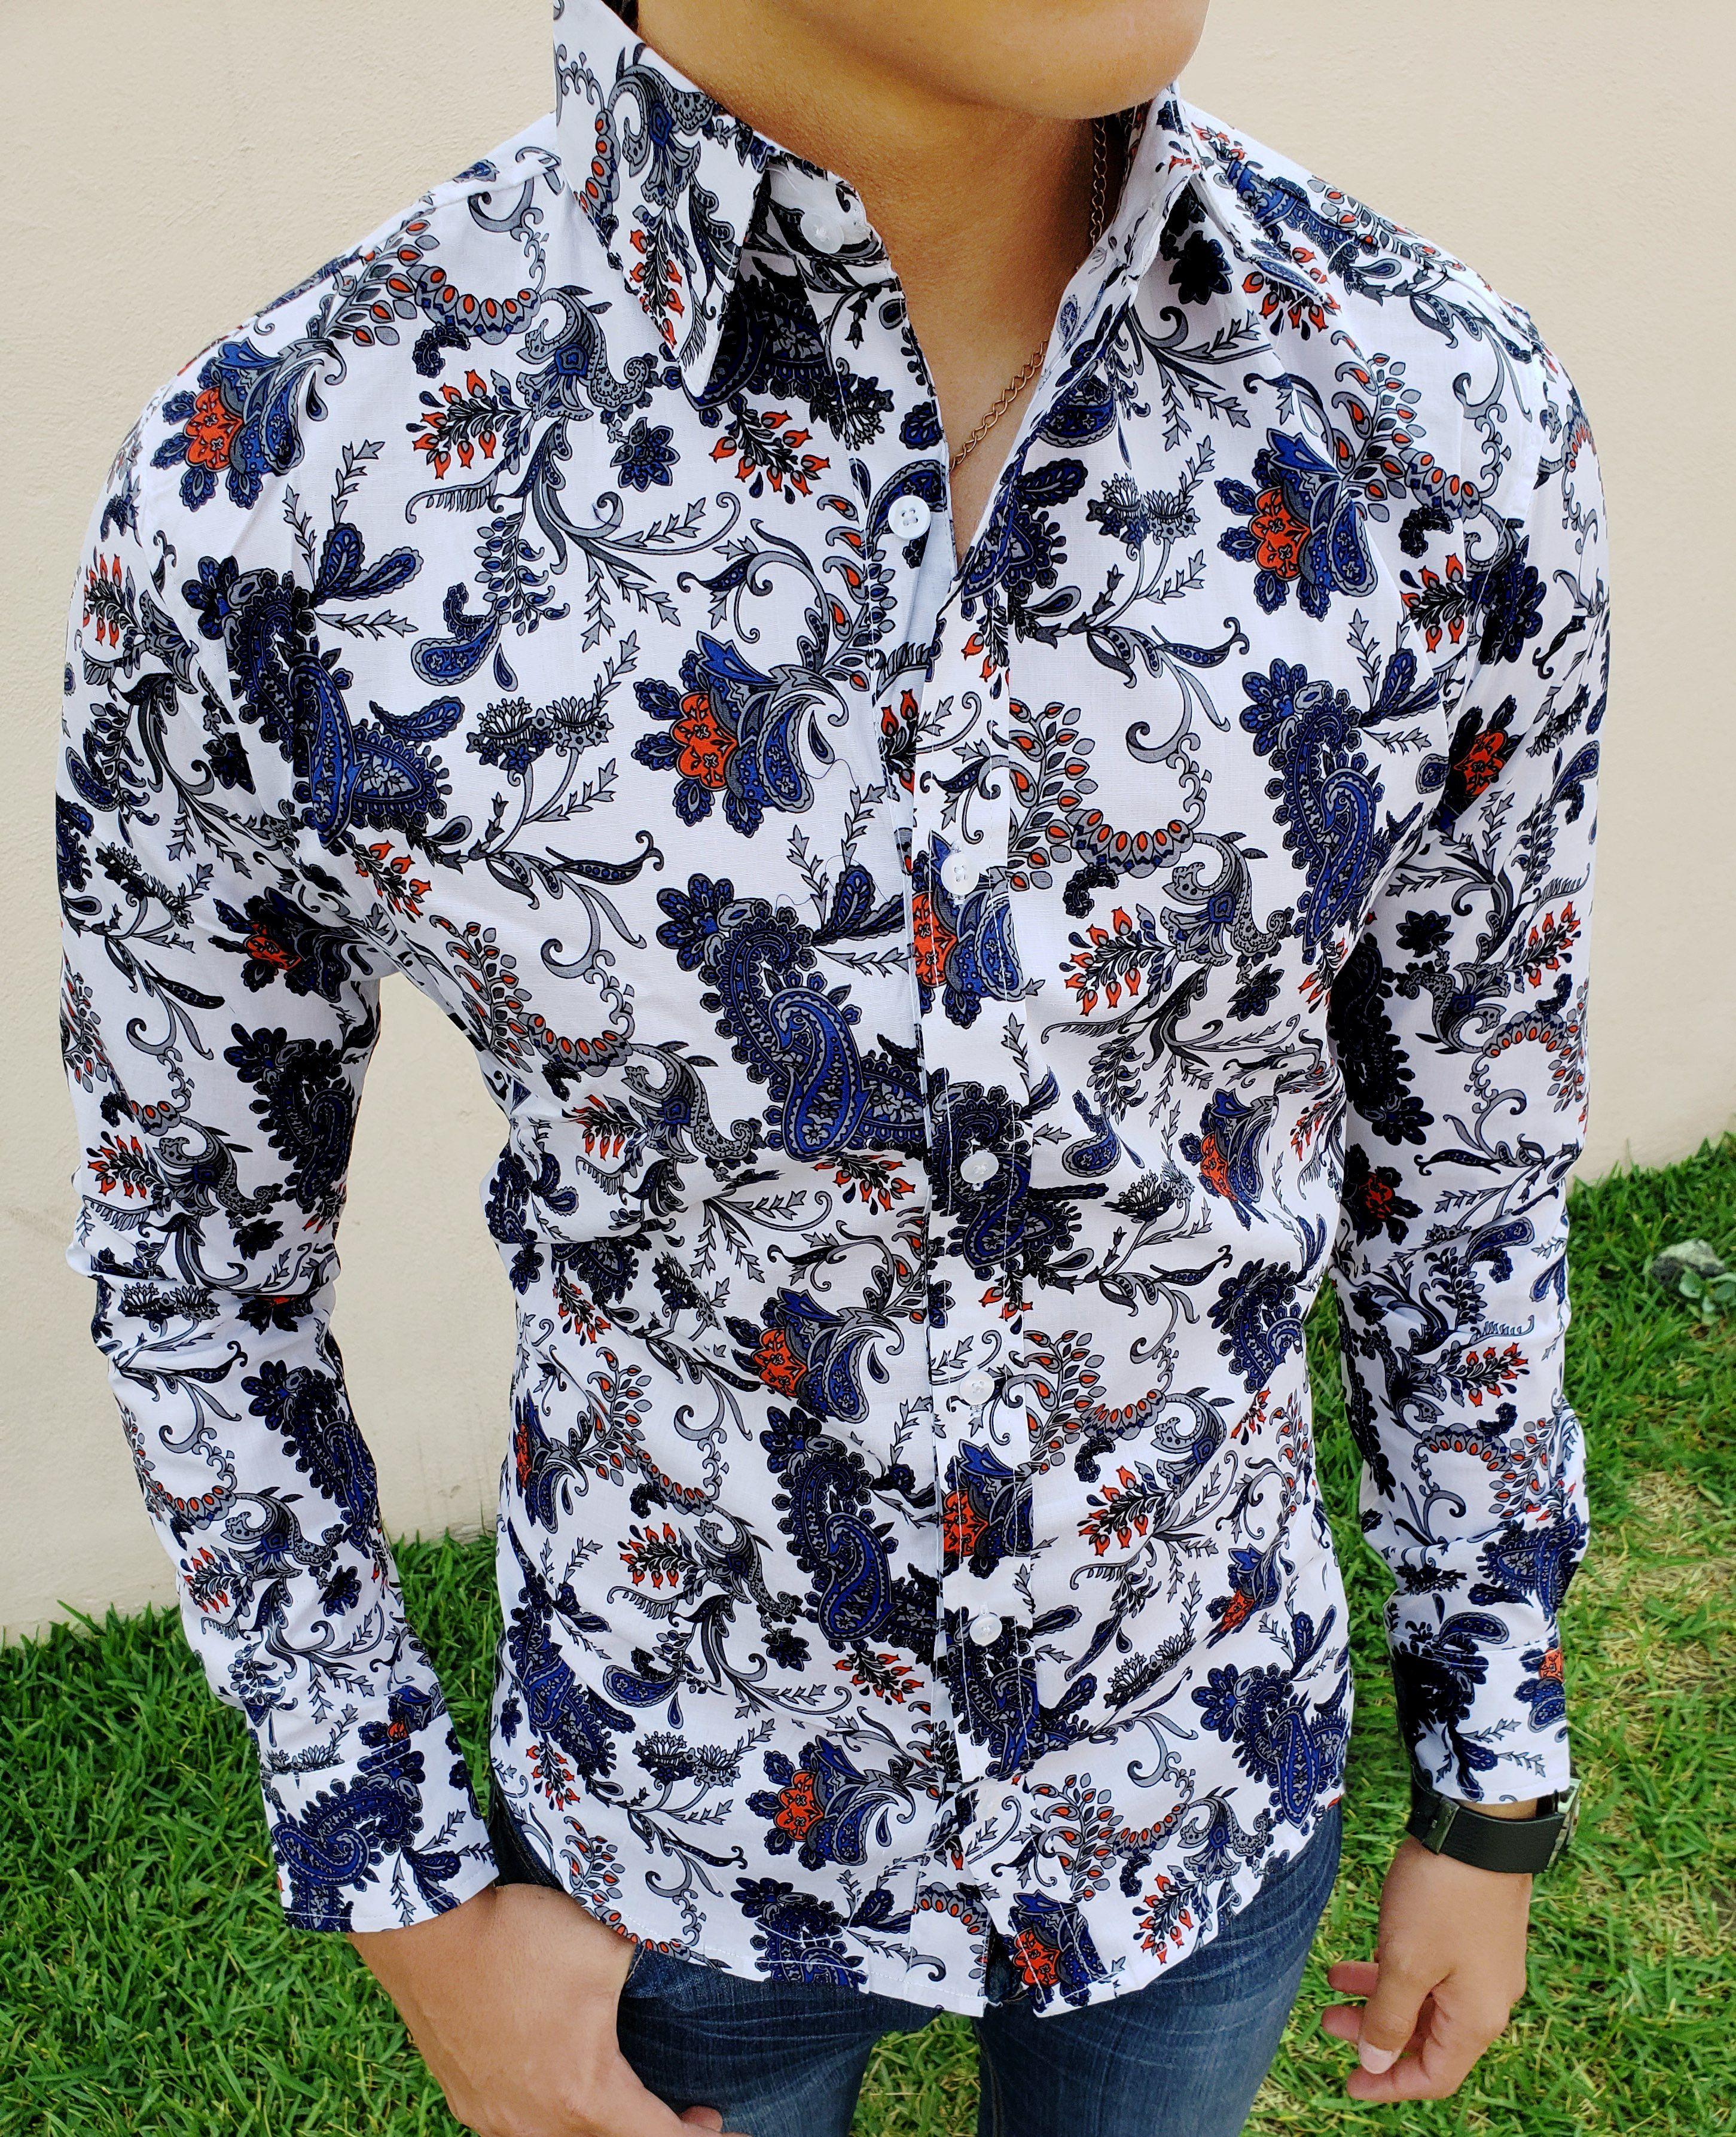 Camisa Blanca Slim Fit De Hojas Y Flores Azules Para Hombre En Manga Larga Moon Rain En Mexi Vestimenta Casual Hombres Ropa Casual Hombres Moda Ropa Hombre